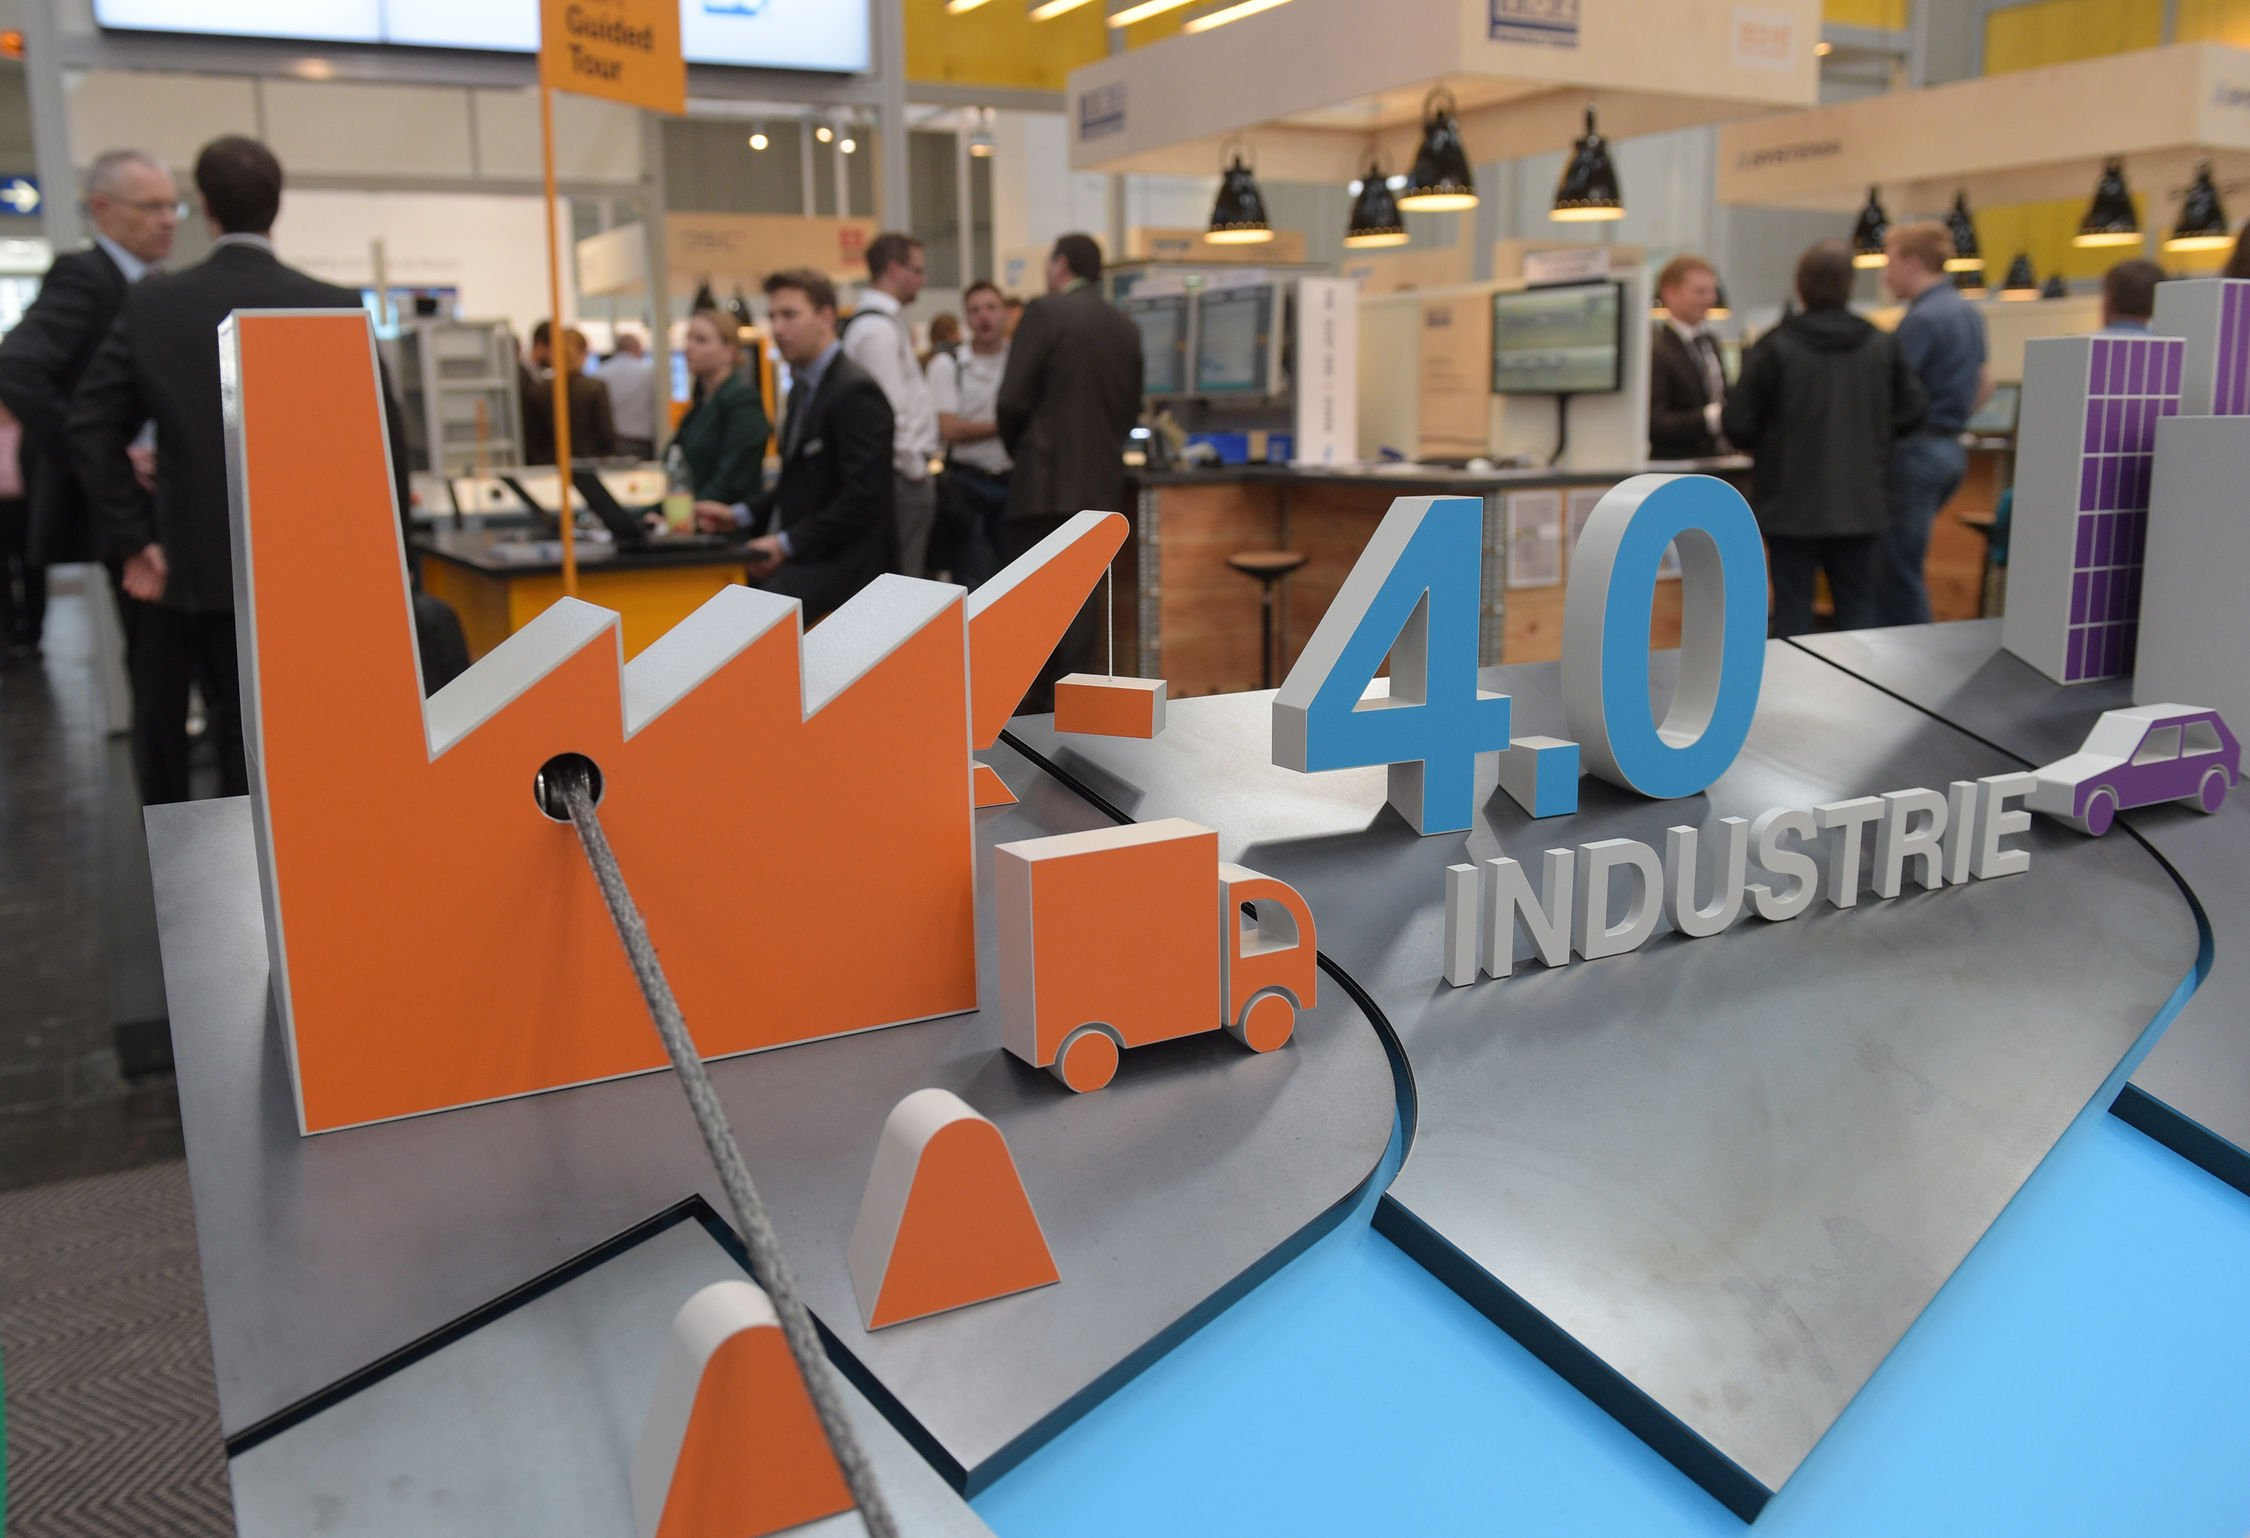 Industrie 4.0 ist eines der zentralen Themen auch der Hannover Messe 2016, die am 24. April beginnt.